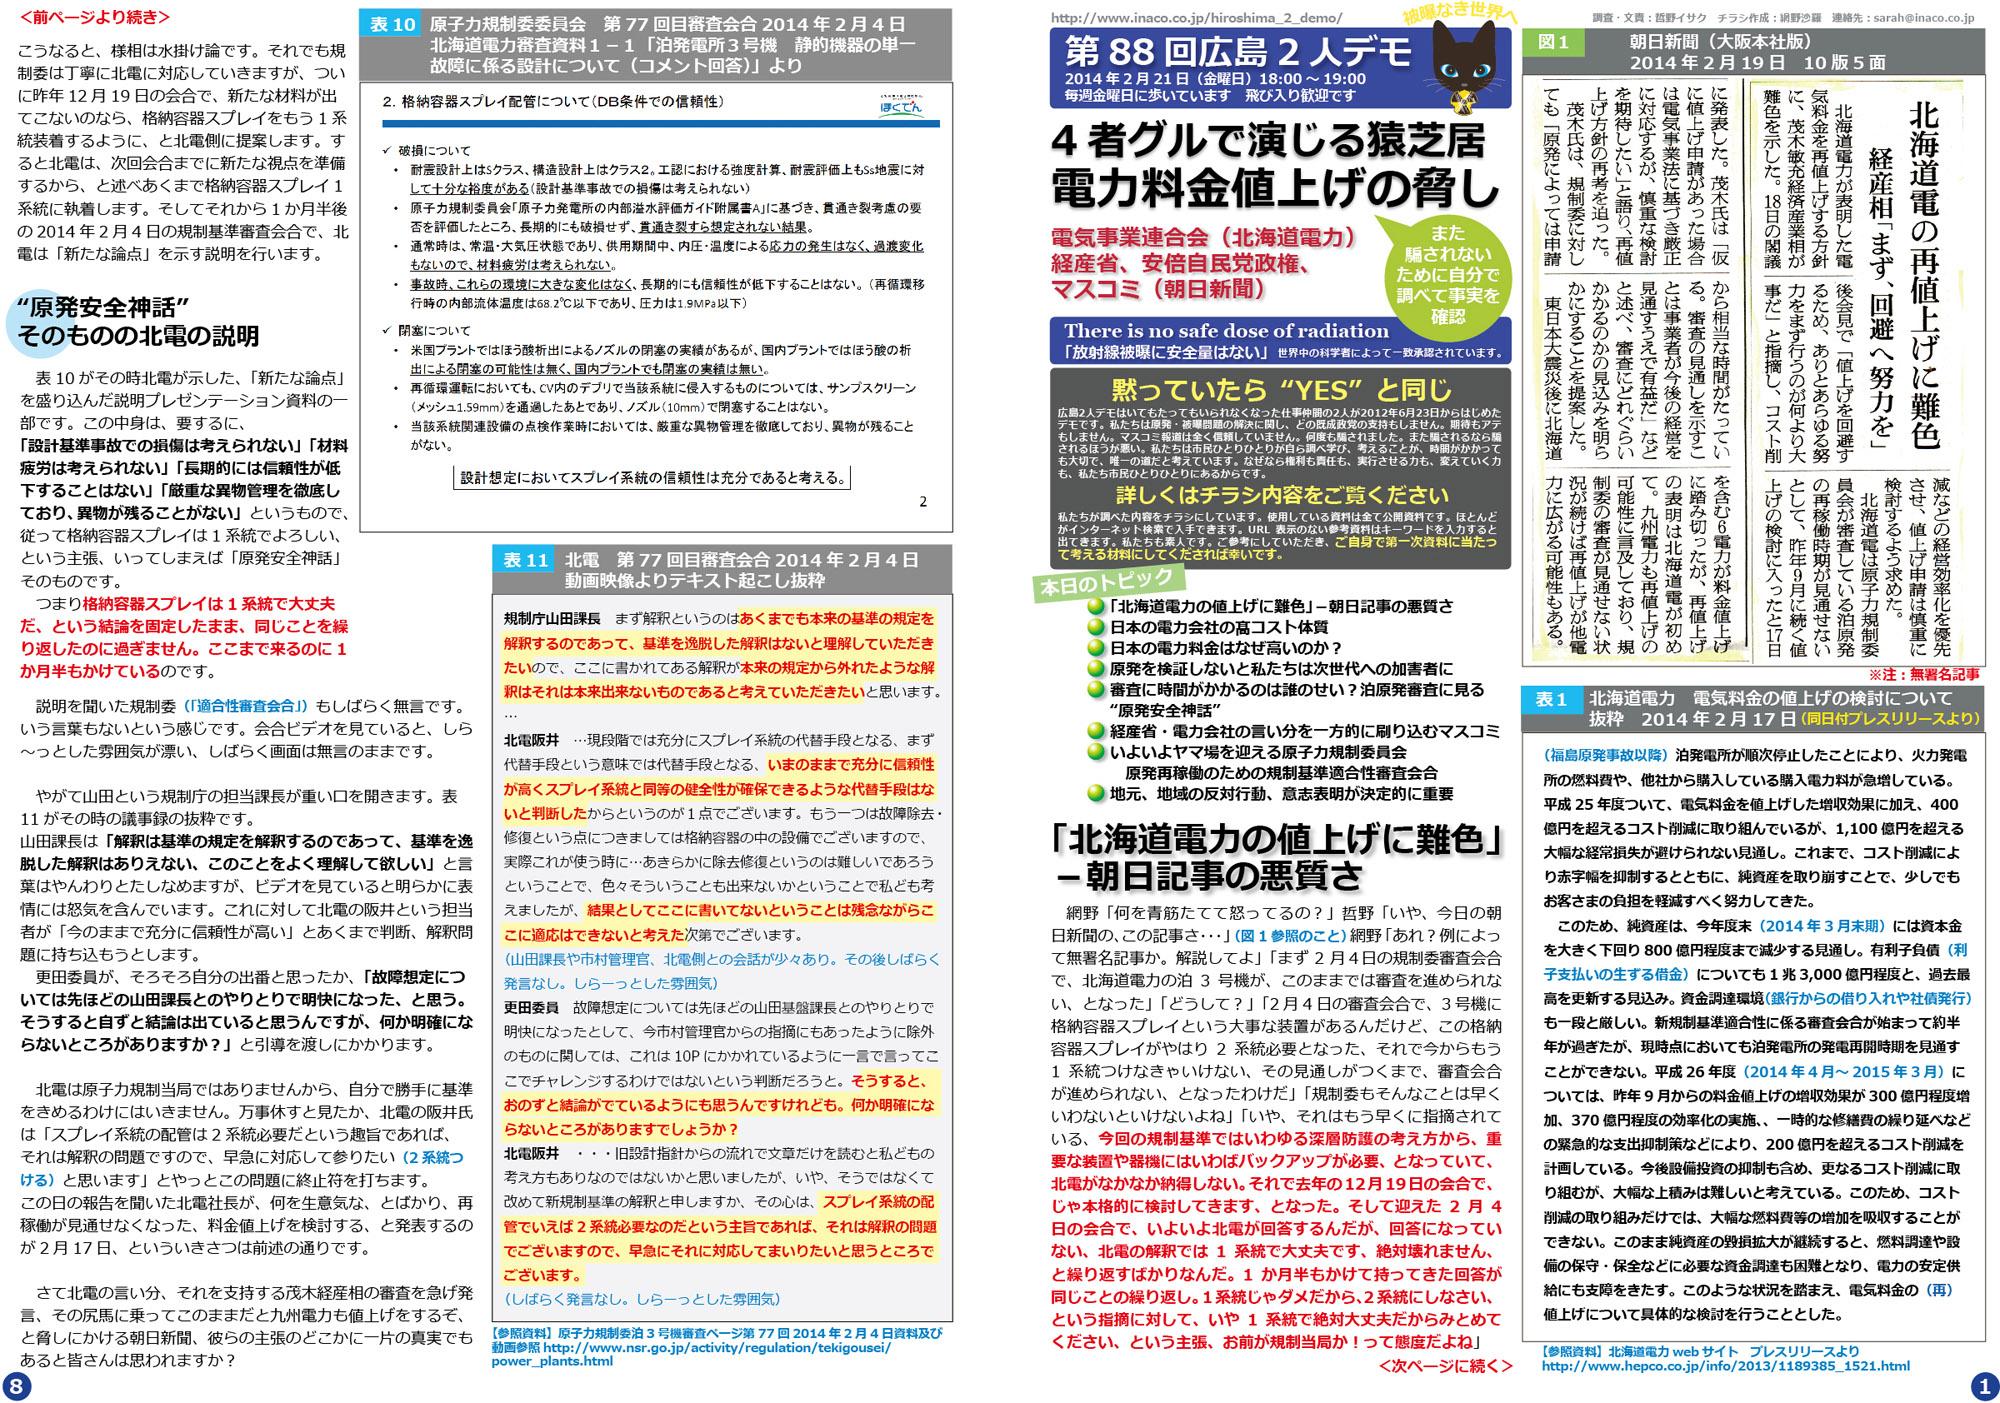 ファイル 266-1.jpg